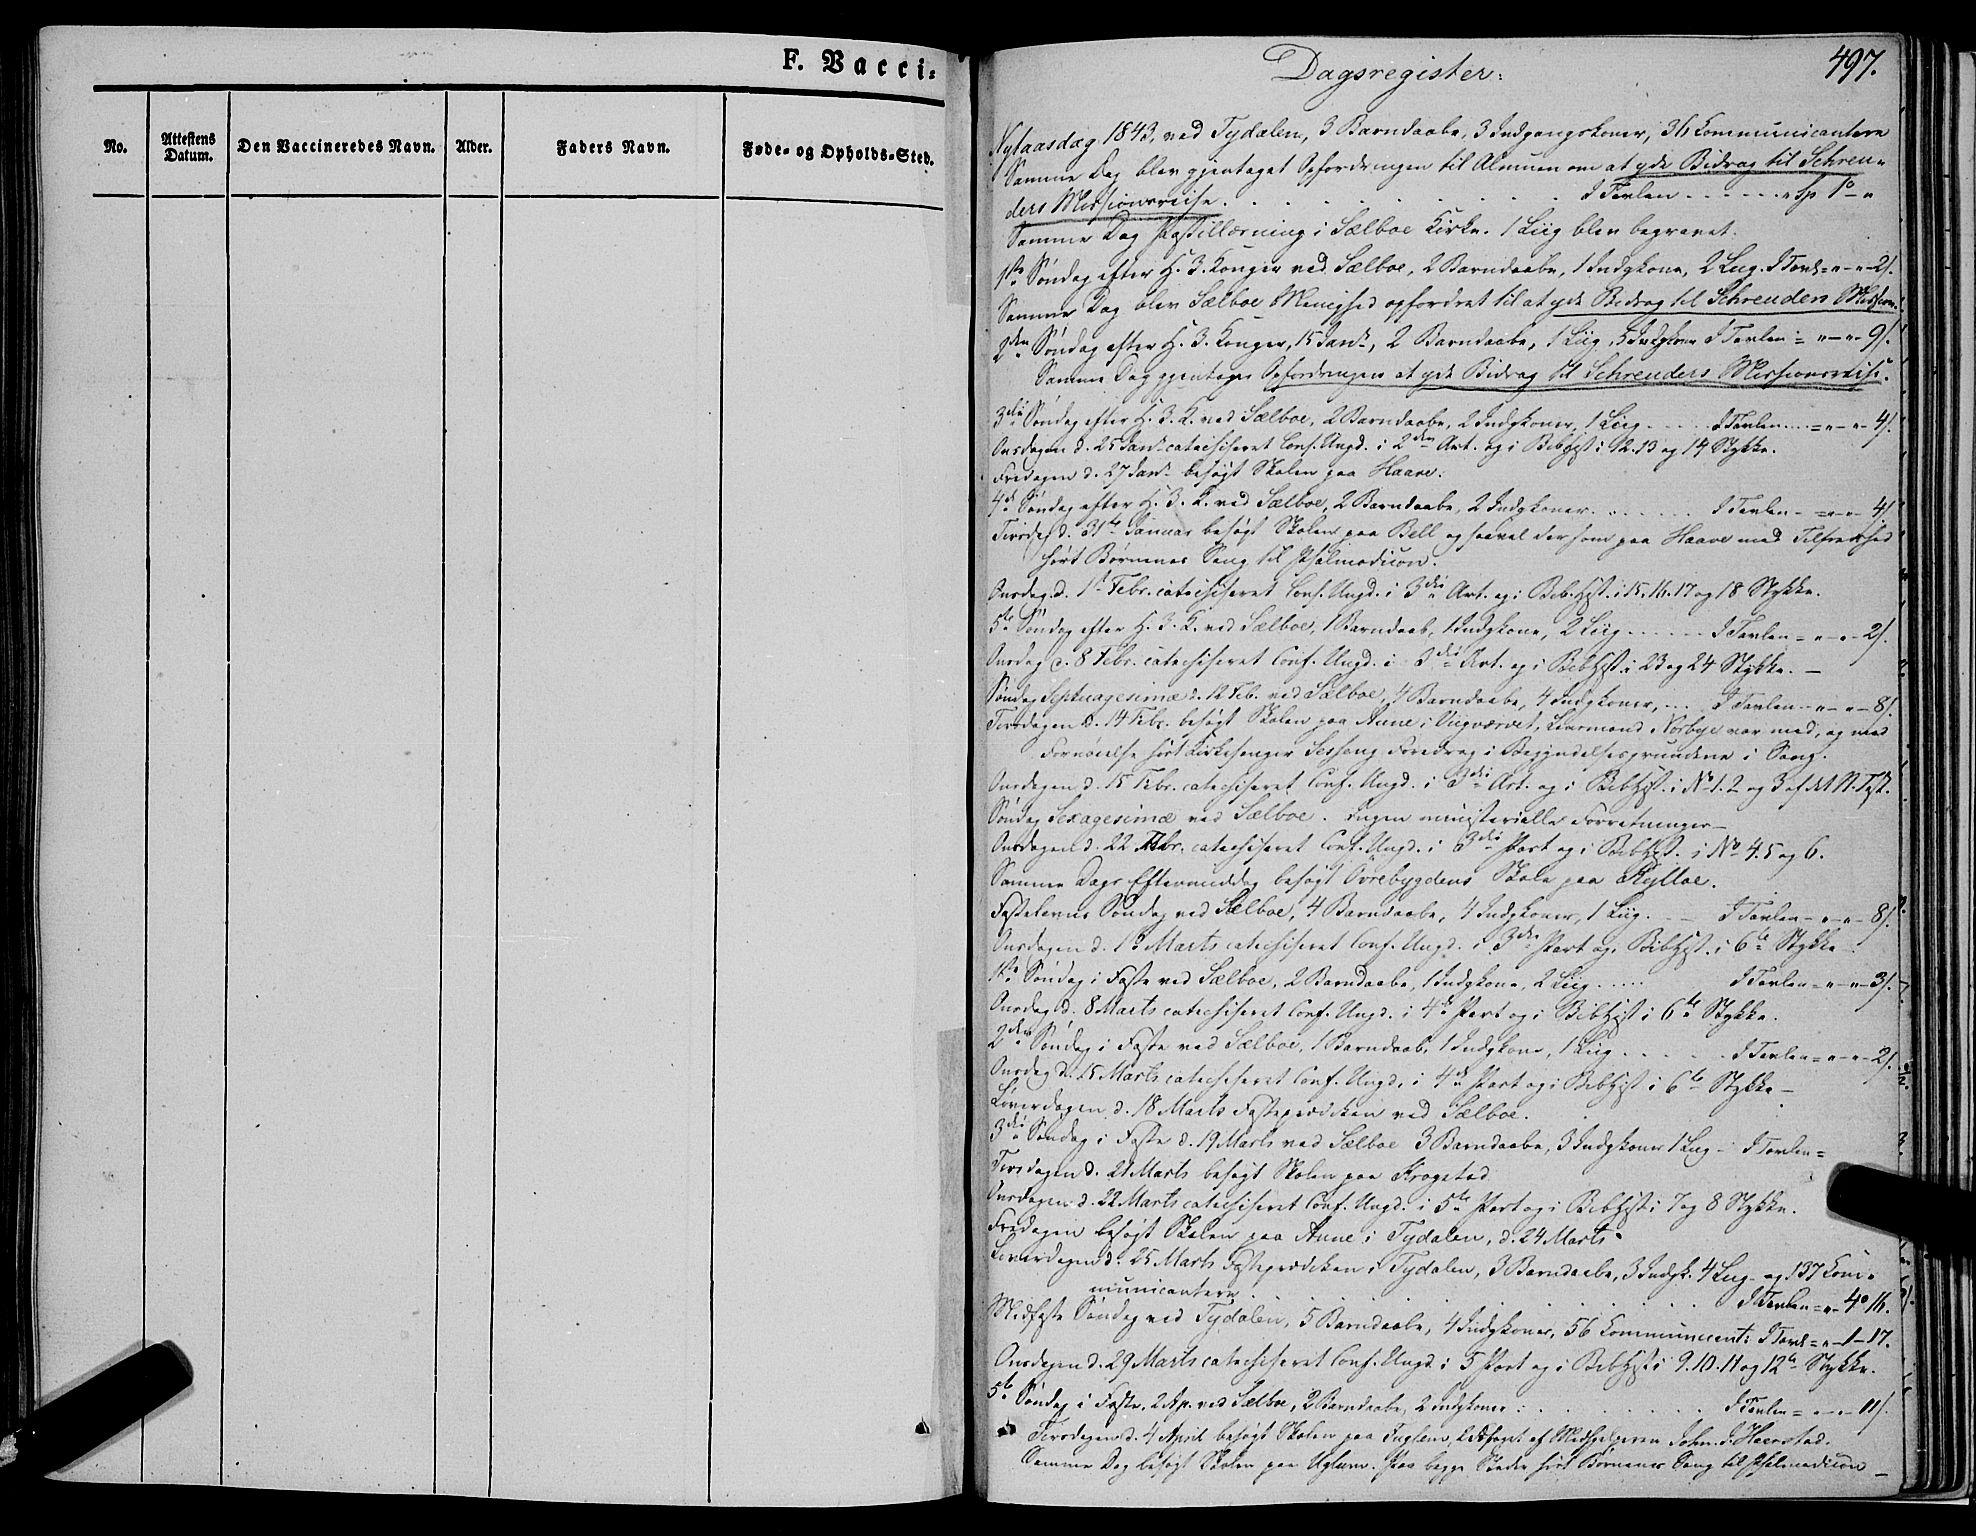 SAT, Ministerialprotokoller, klokkerbøker og fødselsregistre - Sør-Trøndelag, 695/L1145: Ministerialbok nr. 695A06 /1, 1843-1859, s. 497